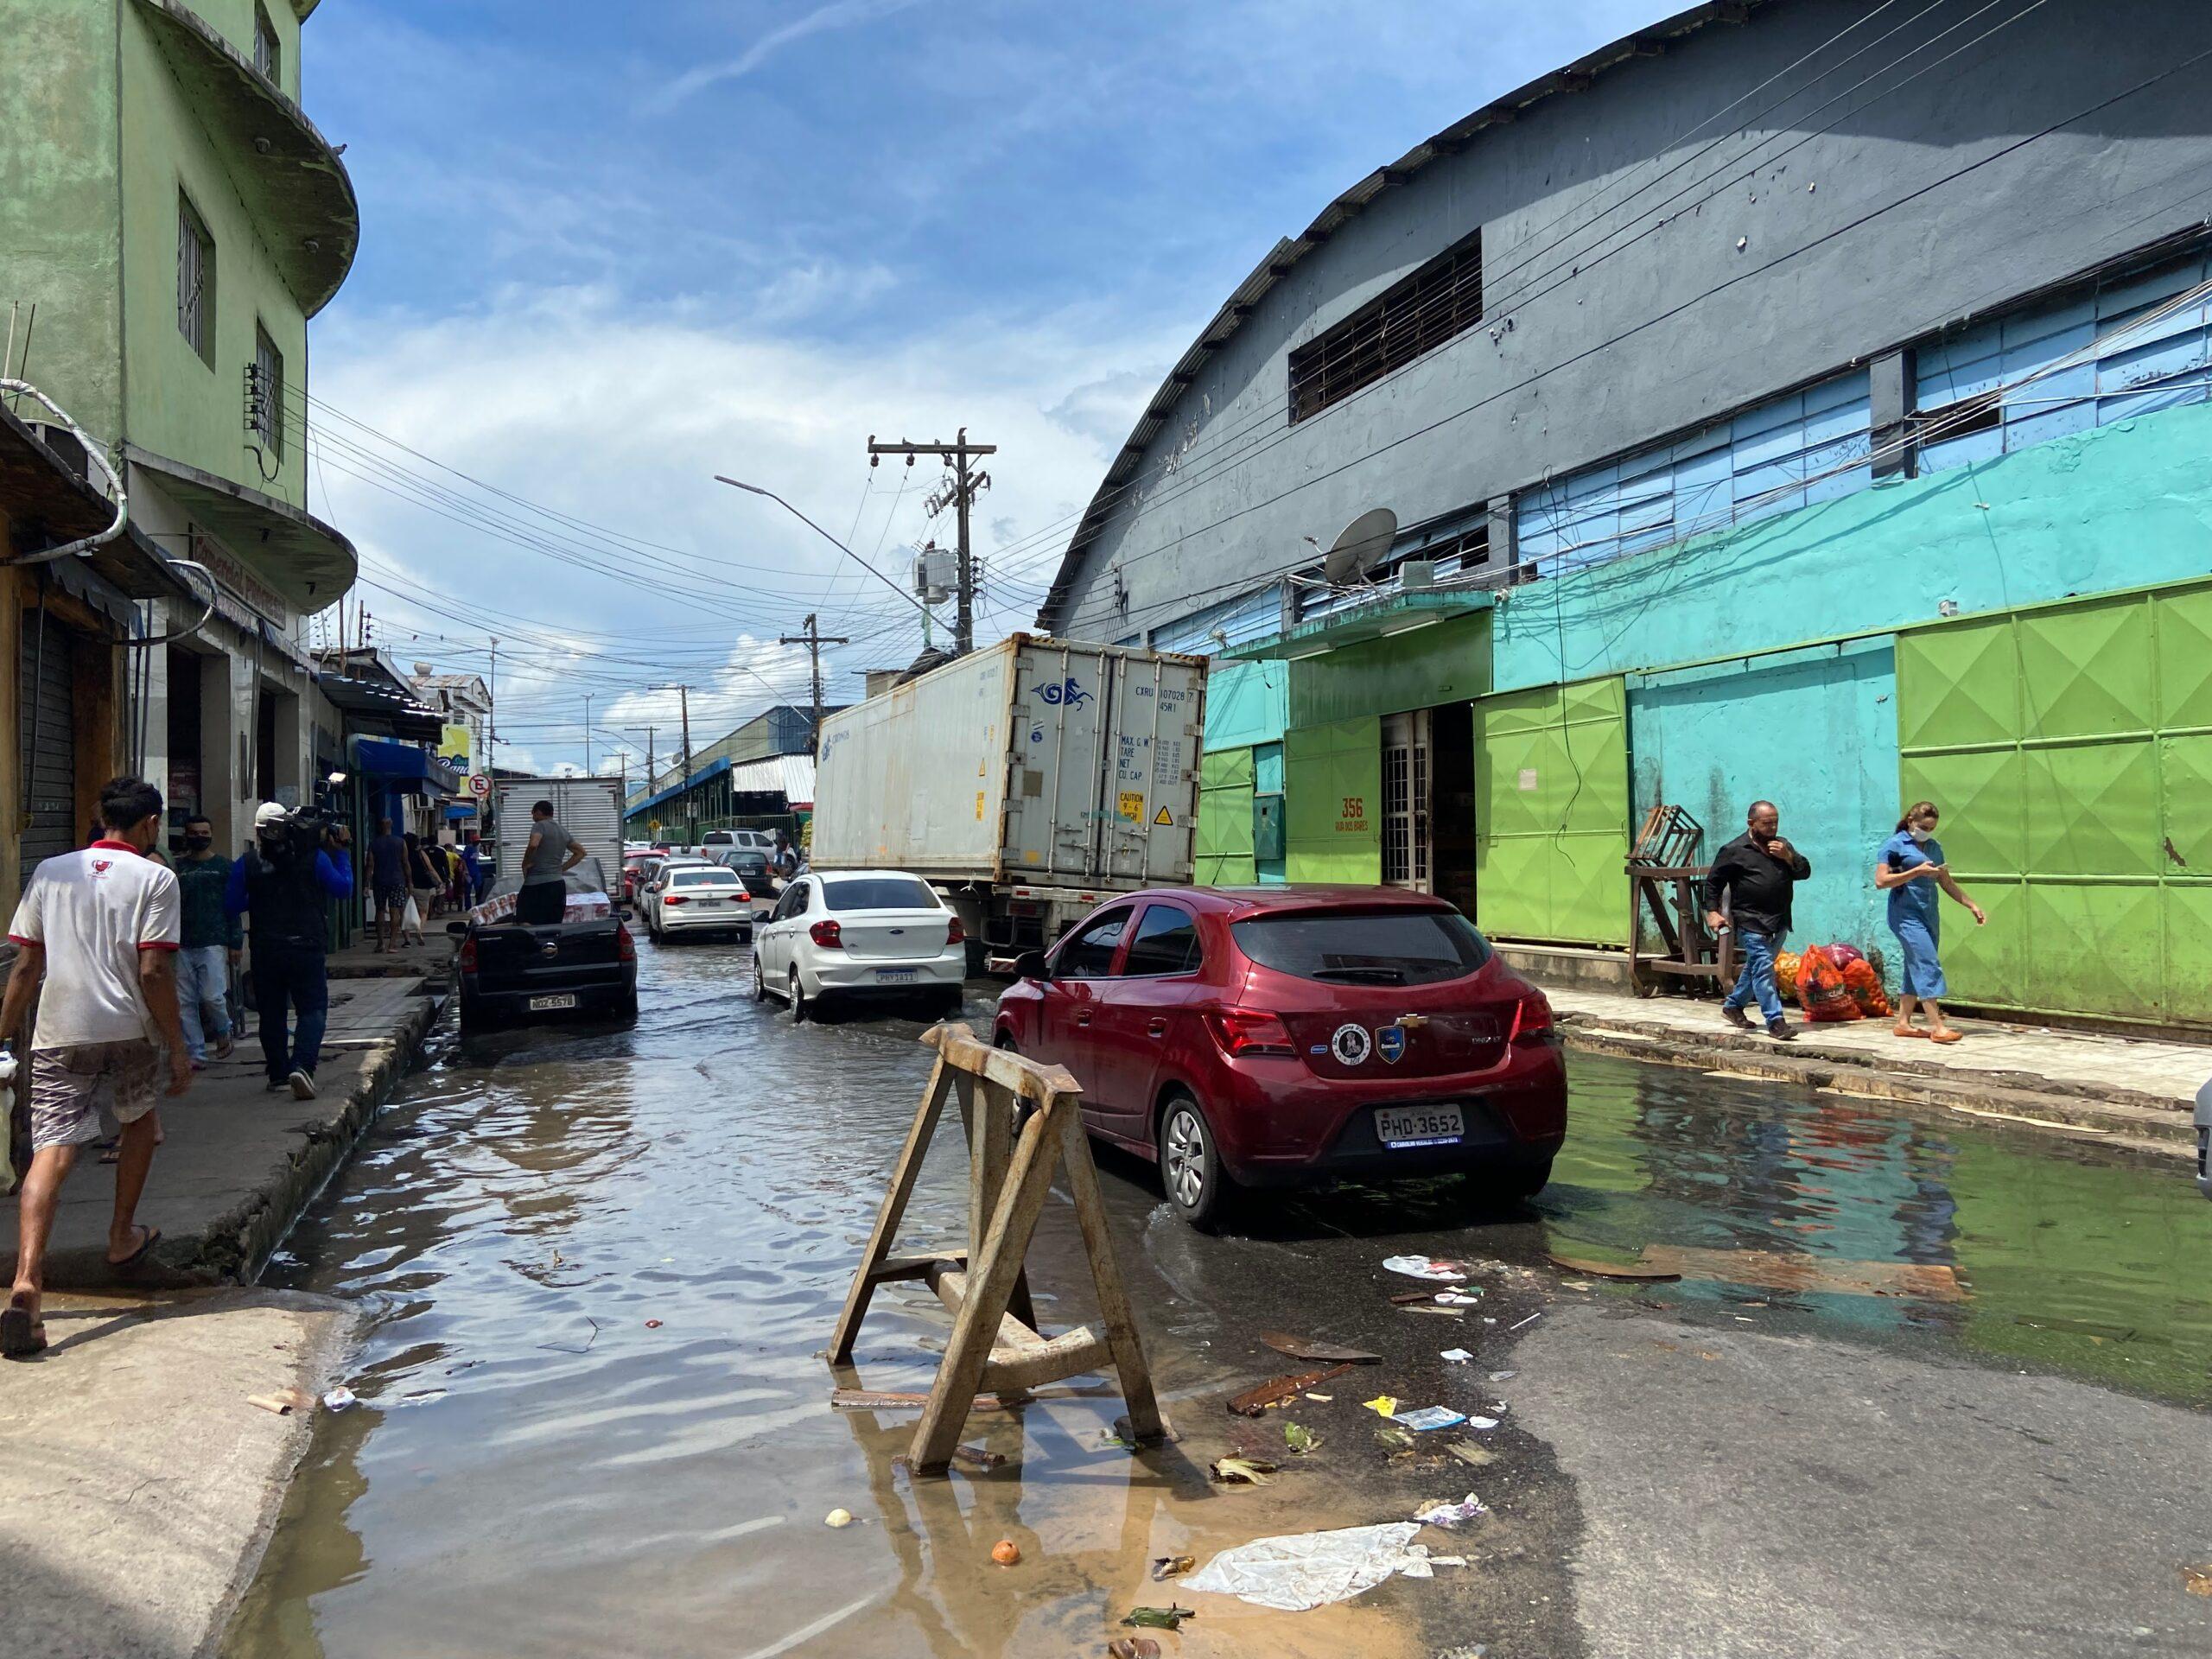 Cheia do rio Negro começa a alagar ruas do centro antigo de Manaus